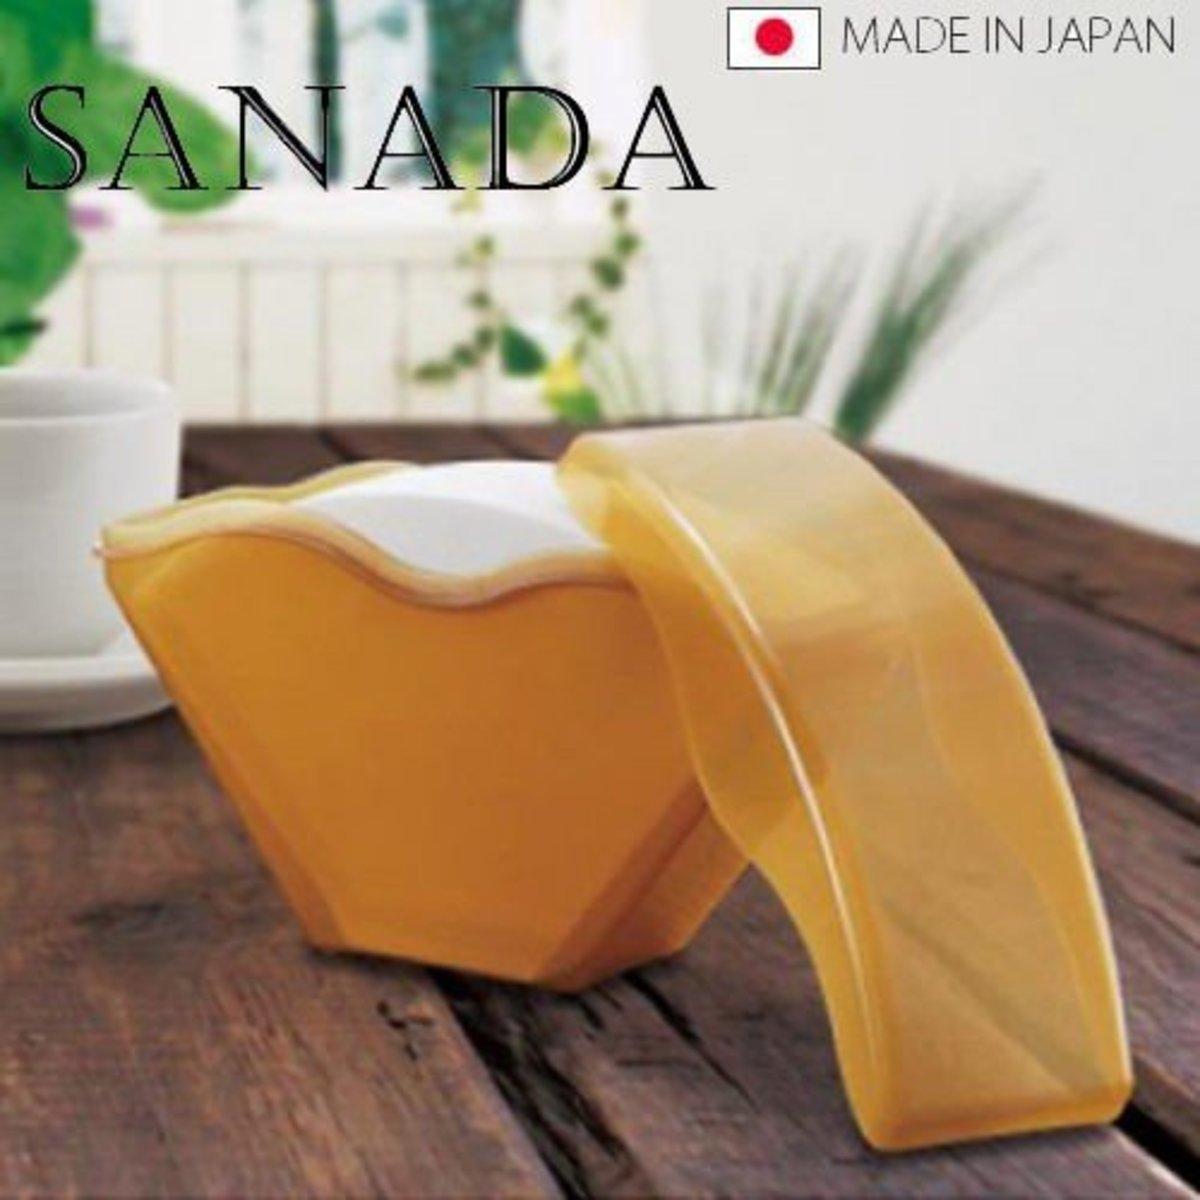 咖啡濾紙收納盒Sanada手沖咖啡- Kalita 101、102、HARIO 01皆可用- 可裝100片